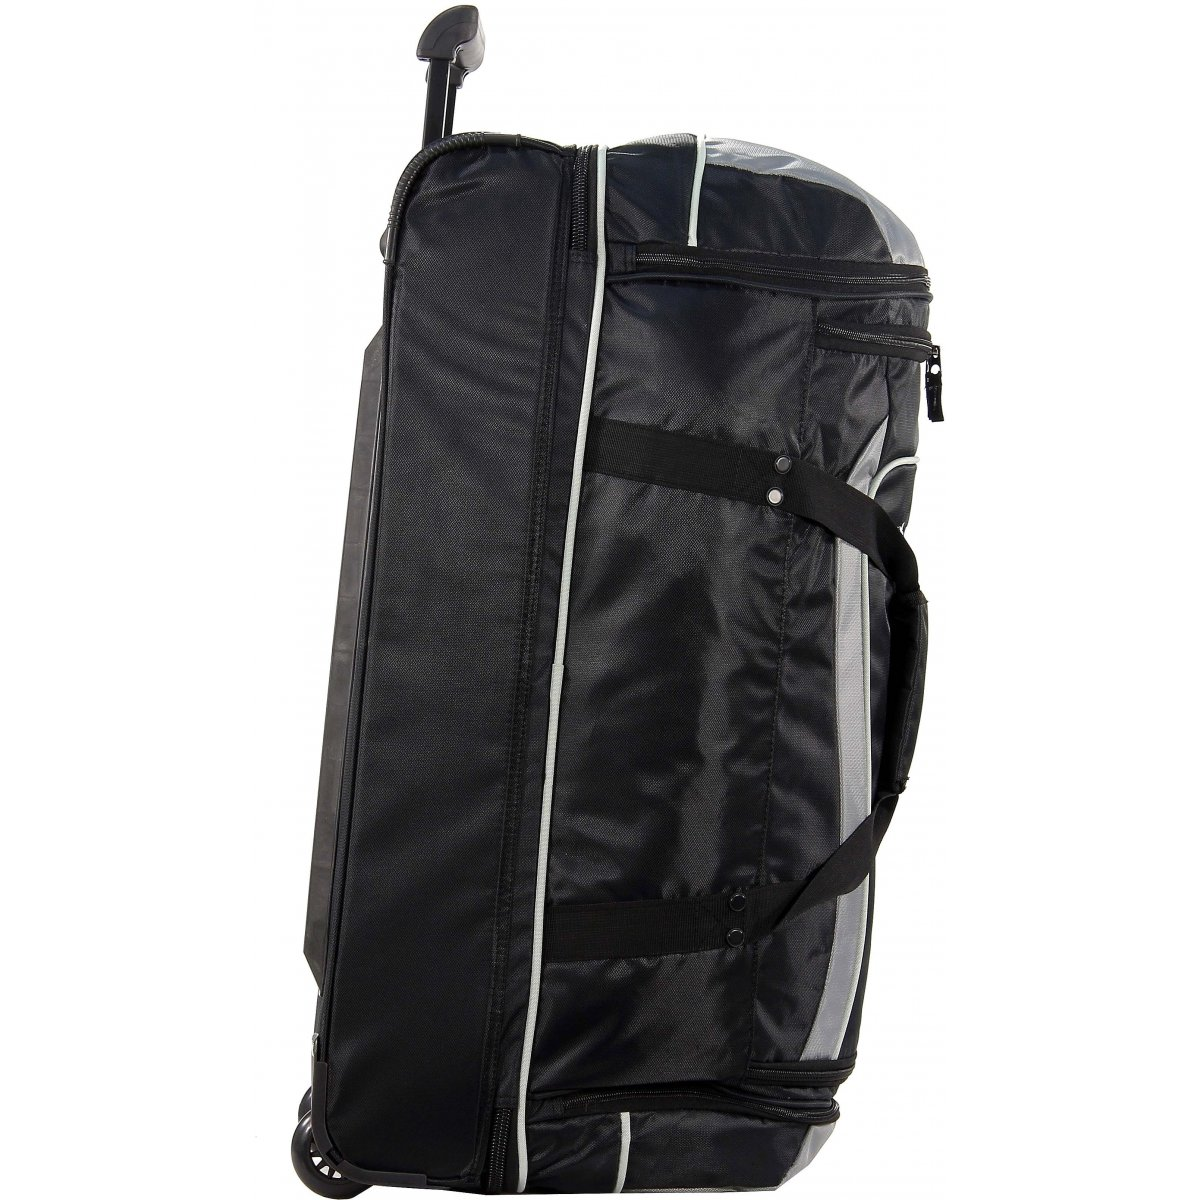 sac de voyage roulettes david jones ba6010 1 couleur principale noir promotion. Black Bedroom Furniture Sets. Home Design Ideas